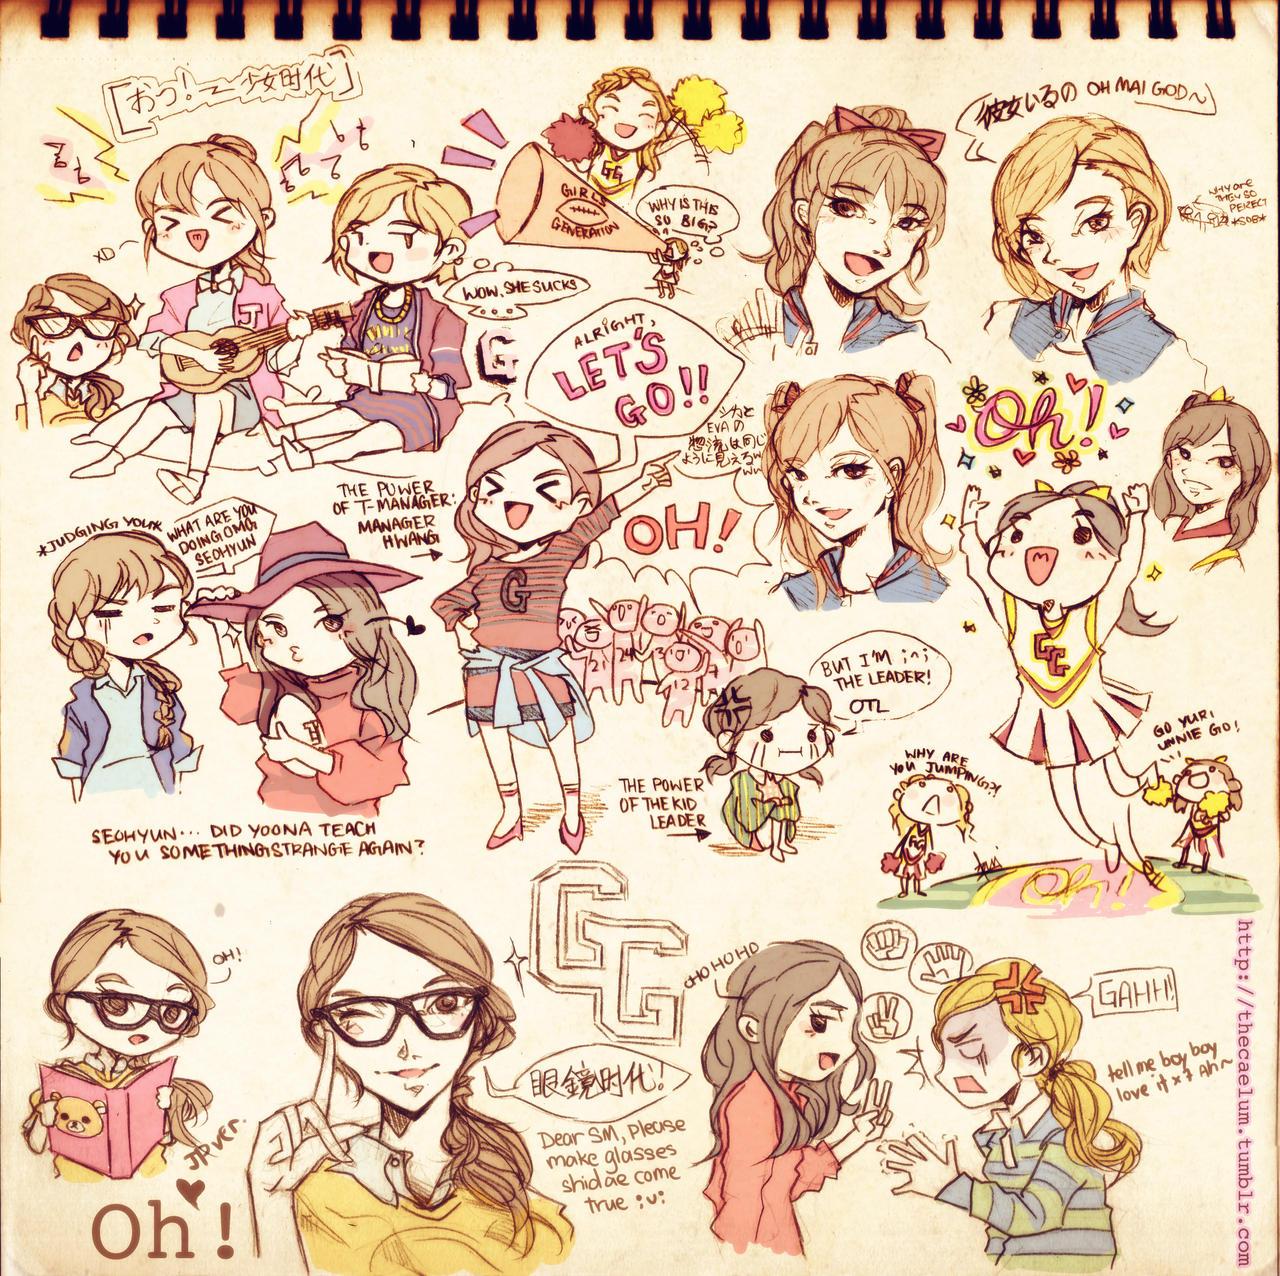 Oh! by bbiru